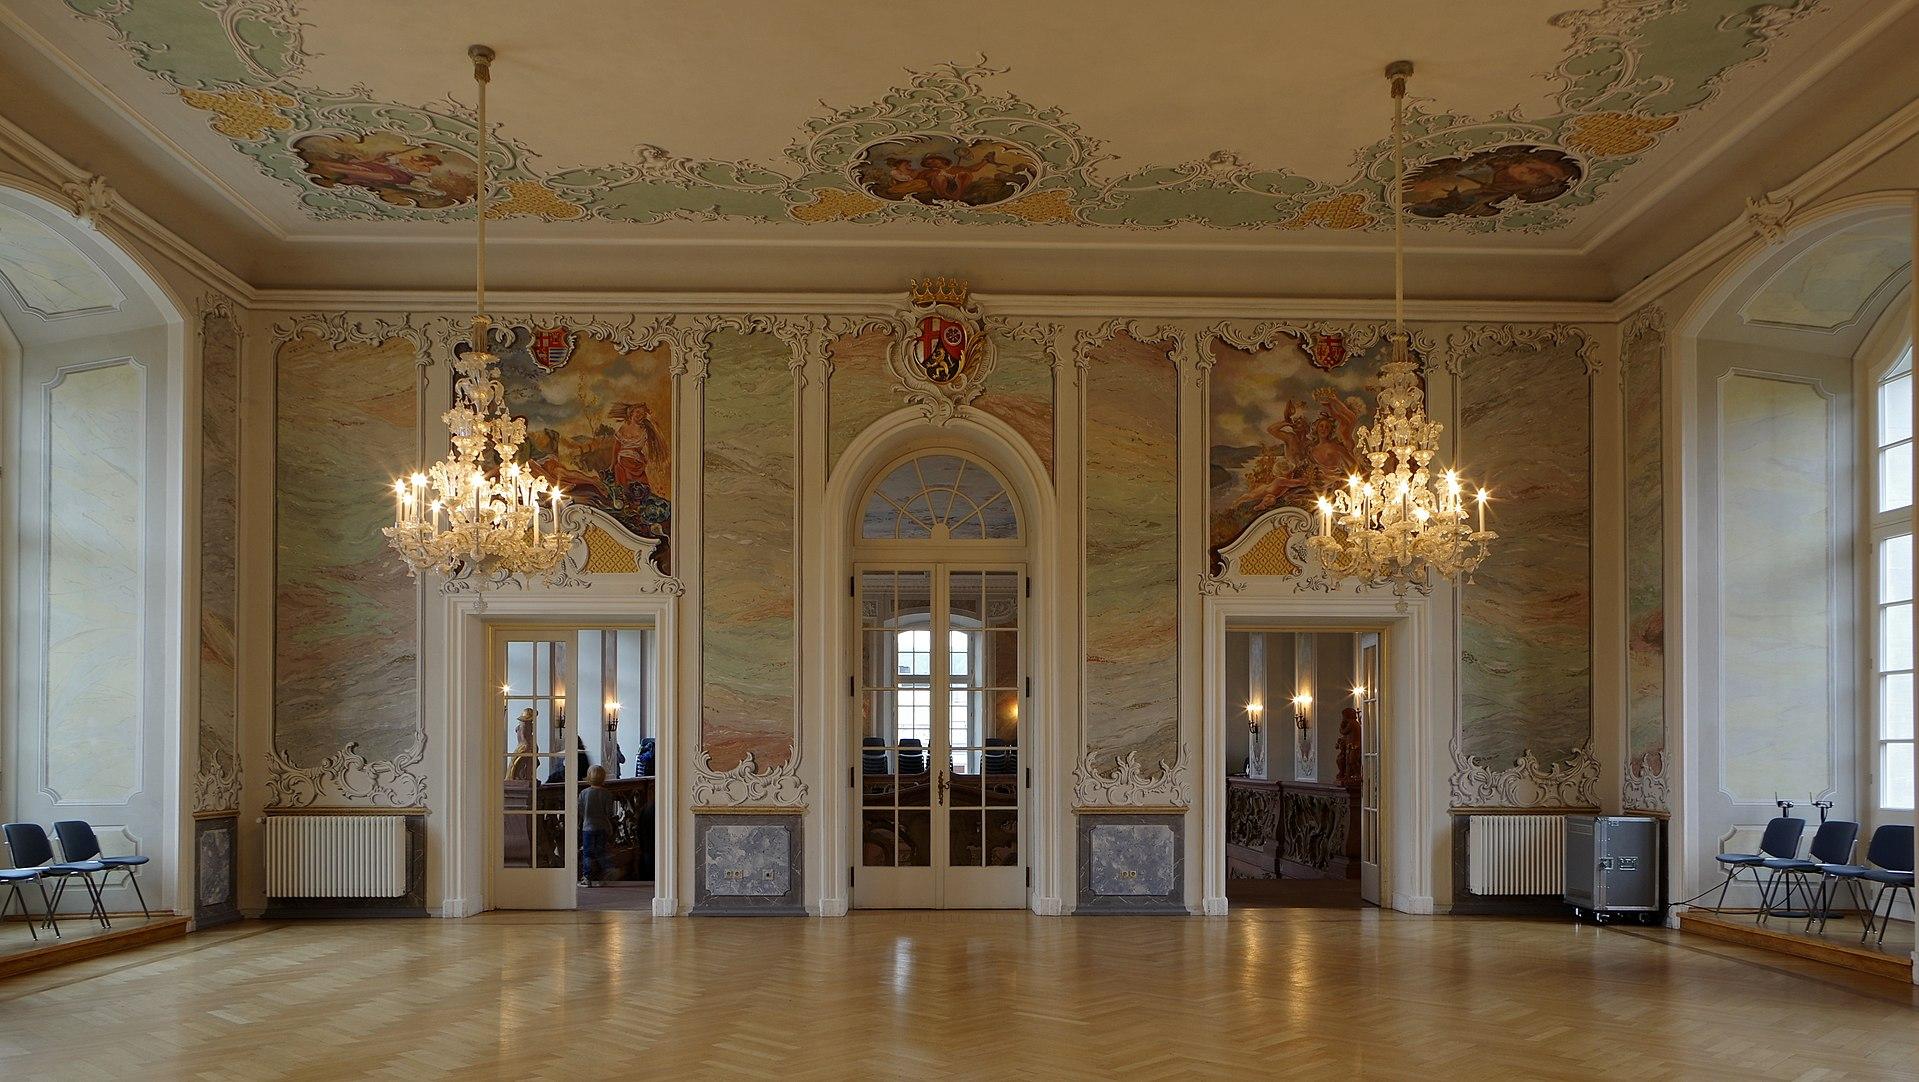 1920px-Trier_Kurfürstliches_Palais_BW2017-09-10_10-31-56.jpg